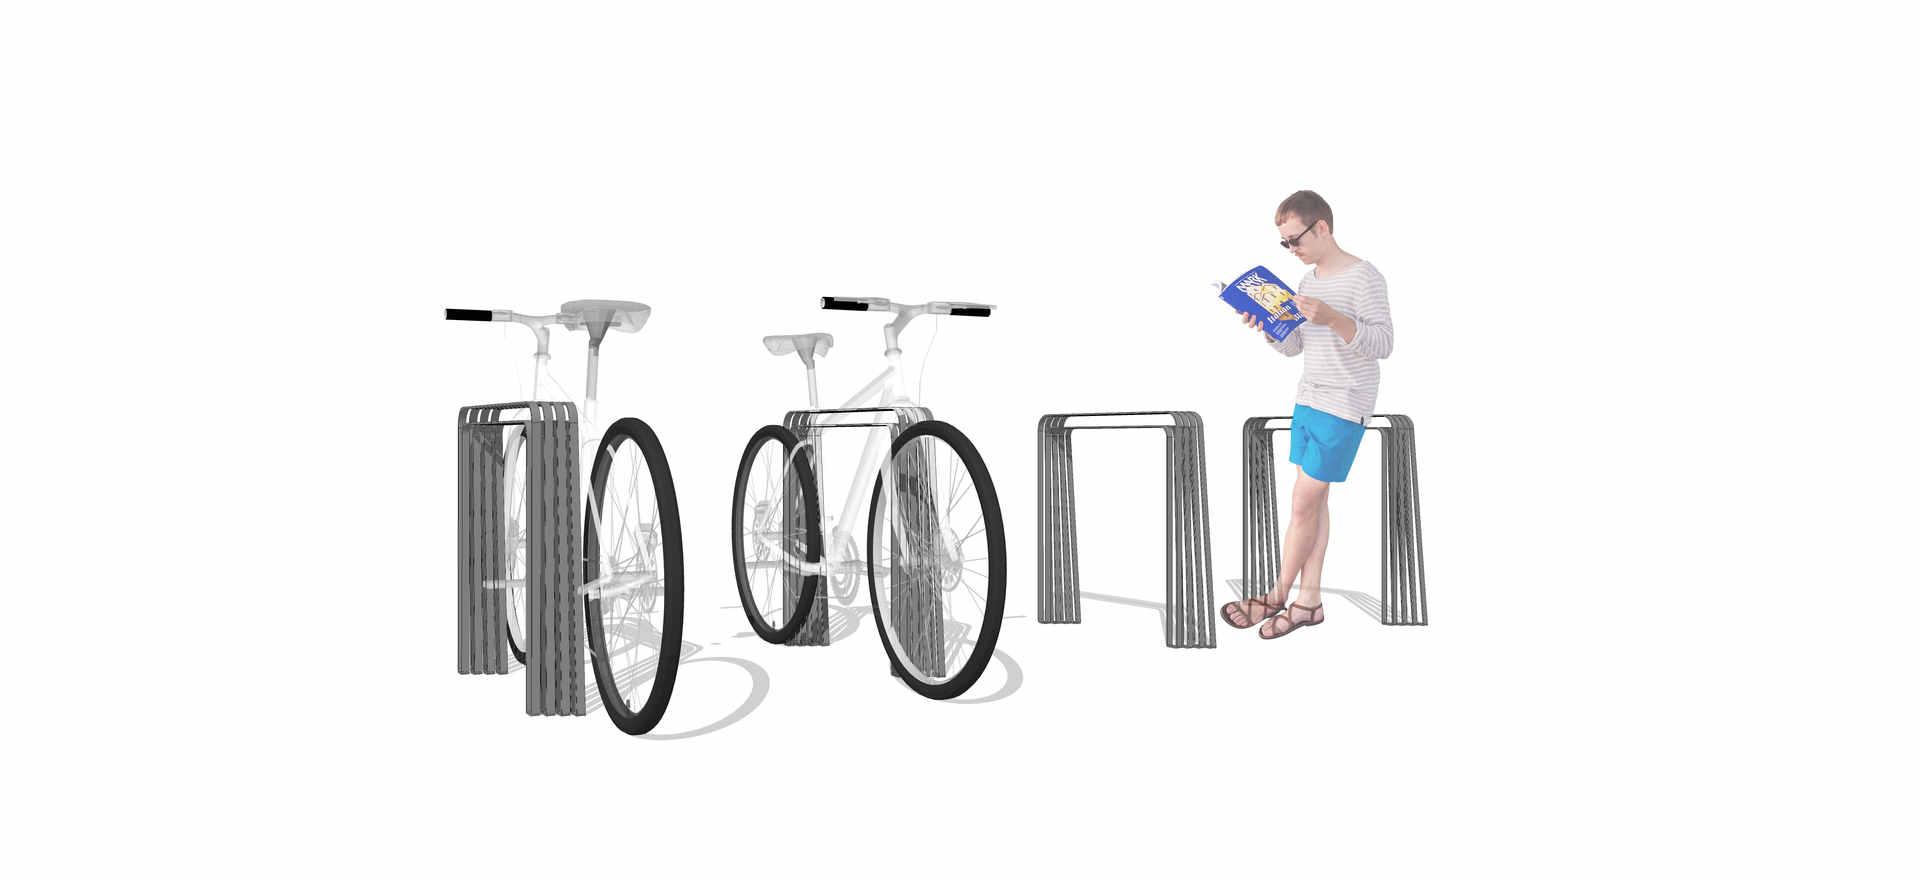 bicicletario mobiliario urbano